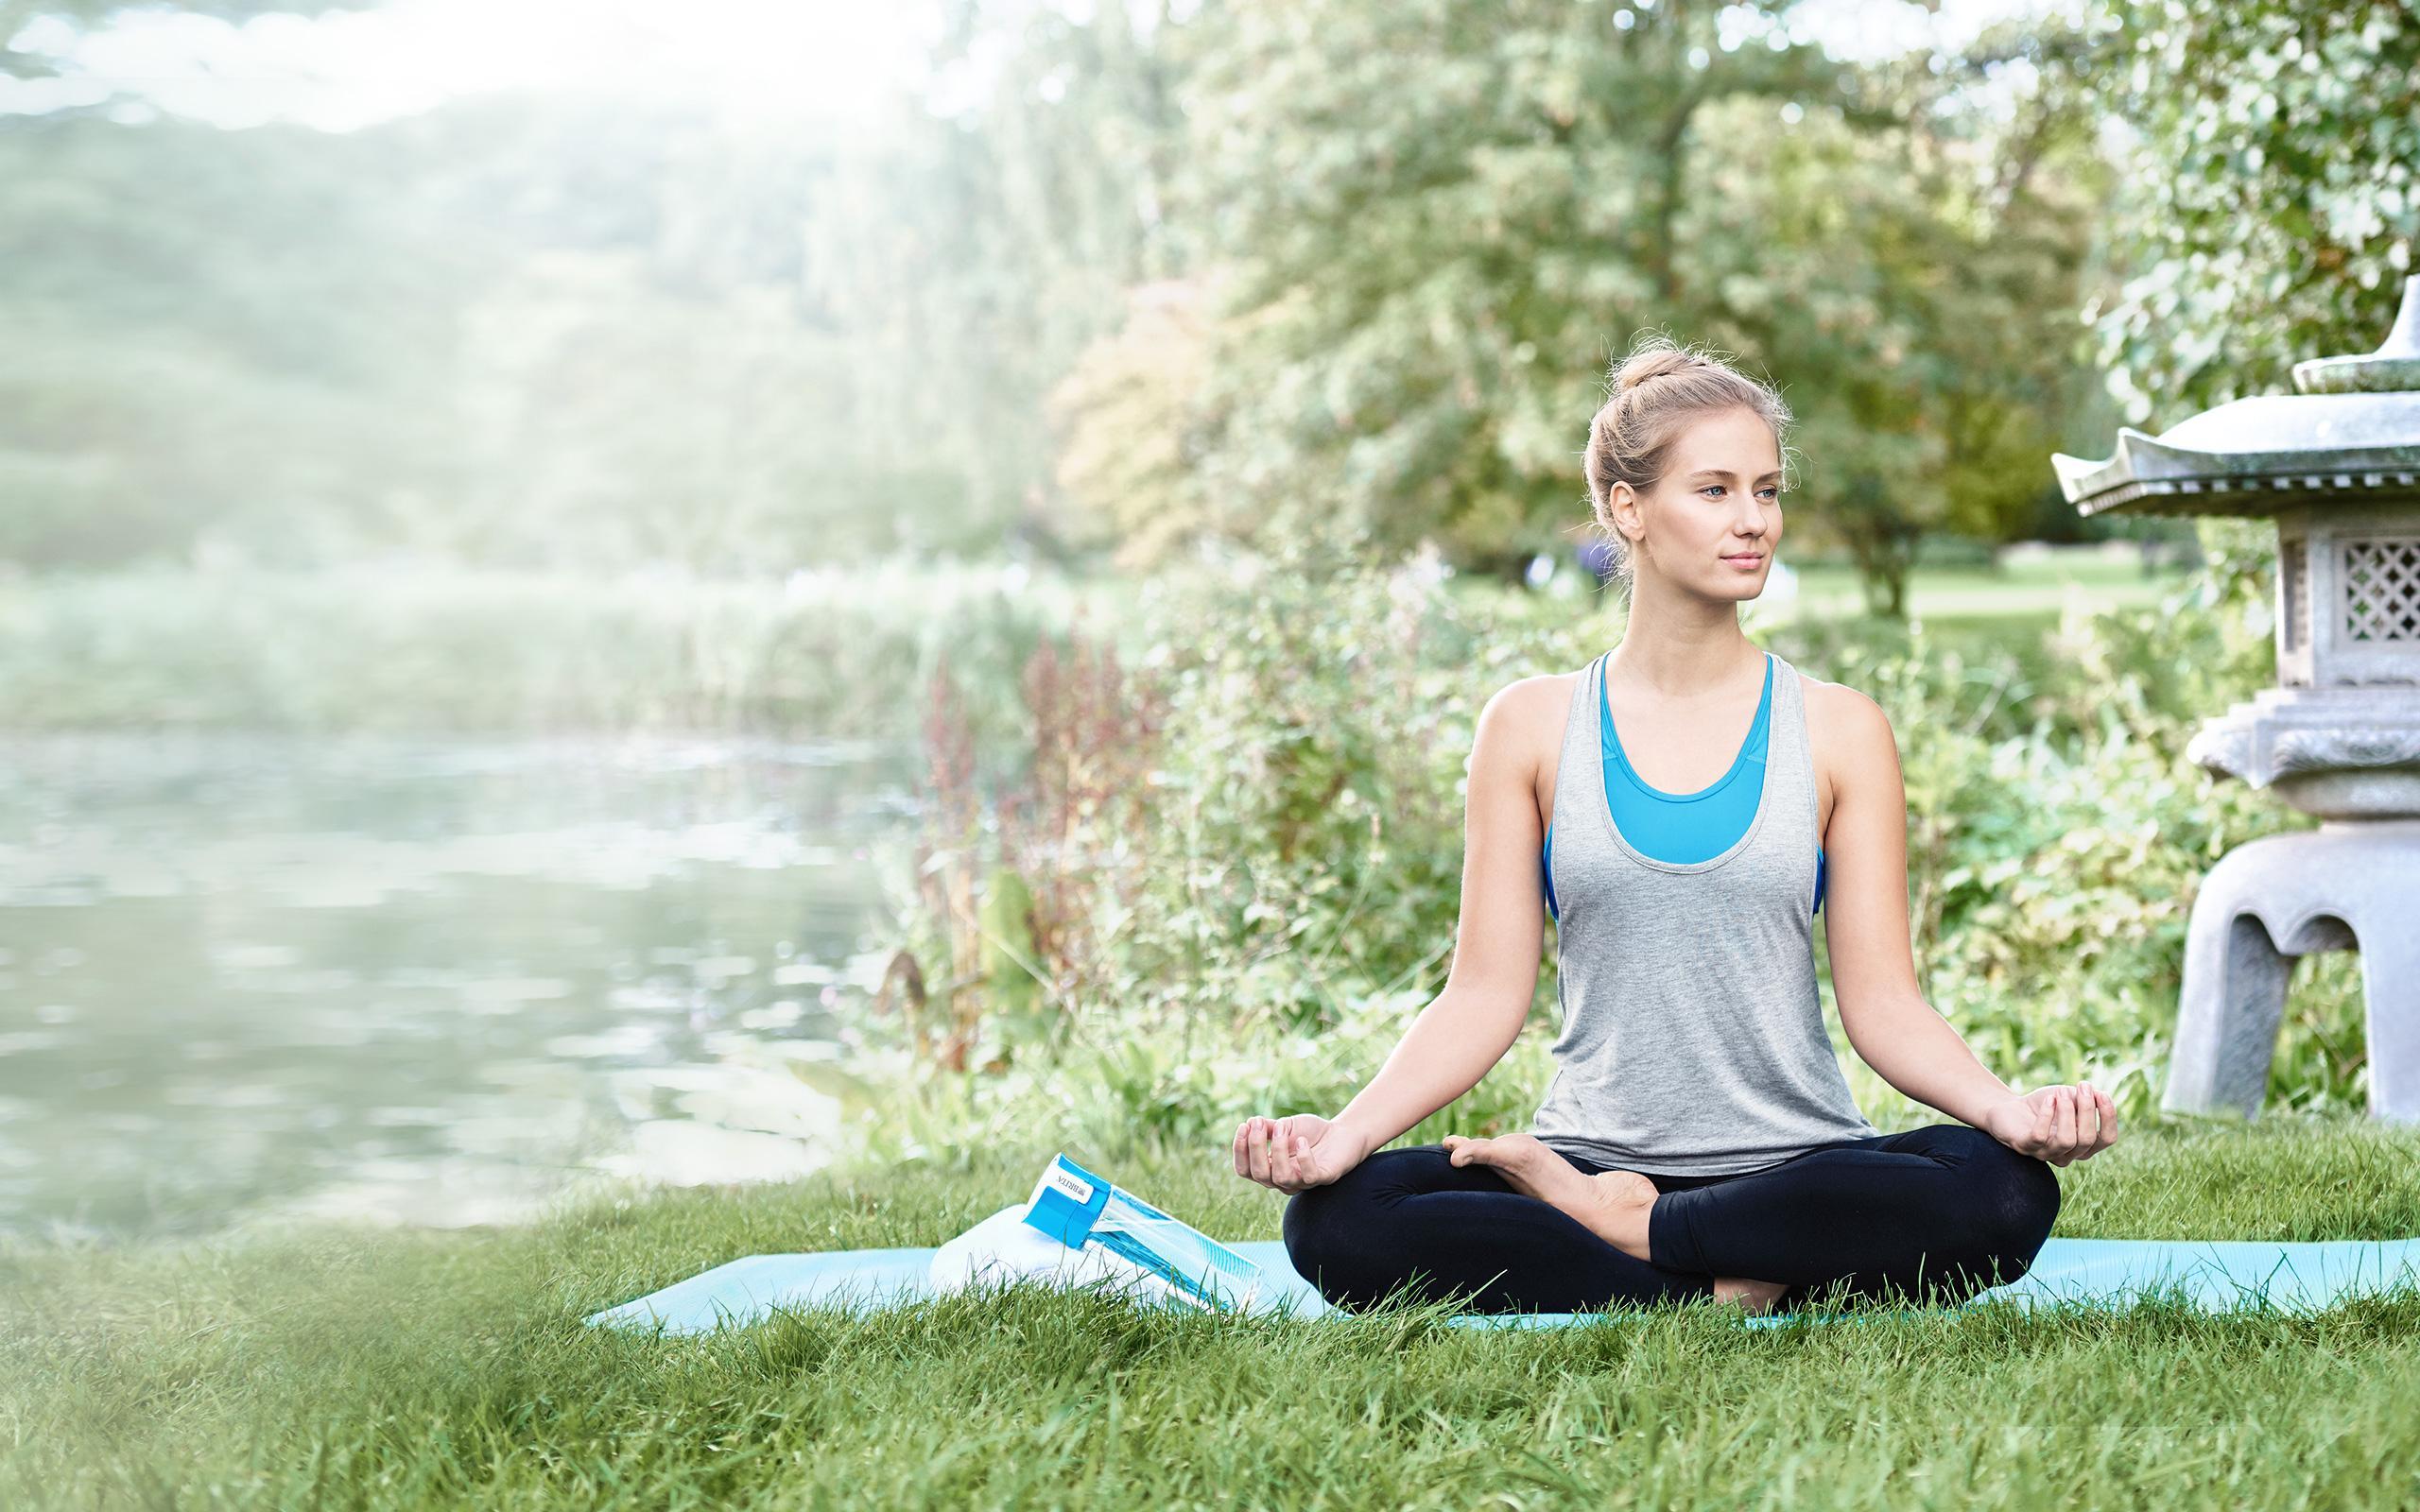 BRITA fabbisogno idrico donna fa yoga al parco